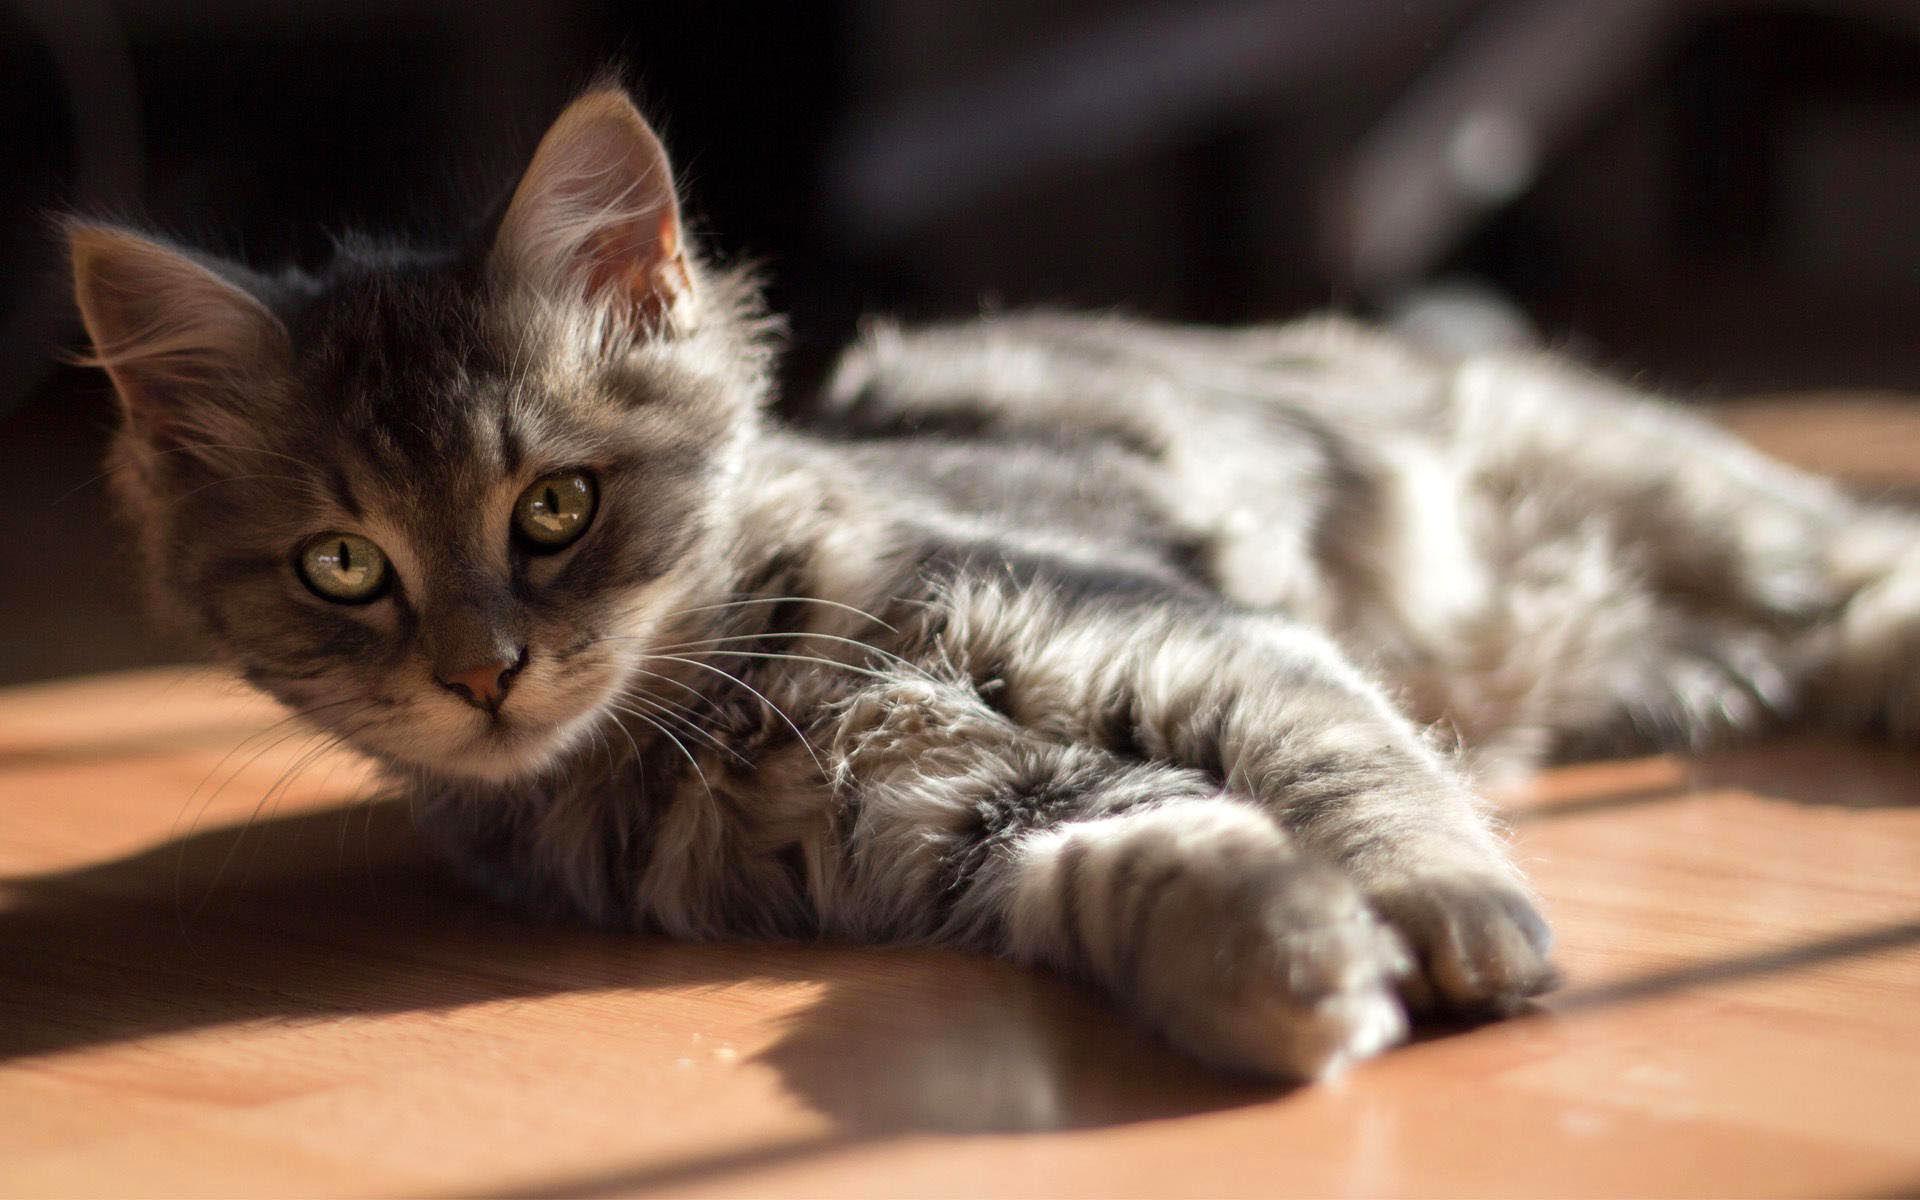 котенок дымчатый kitten smoky  № 2344470 загрузить